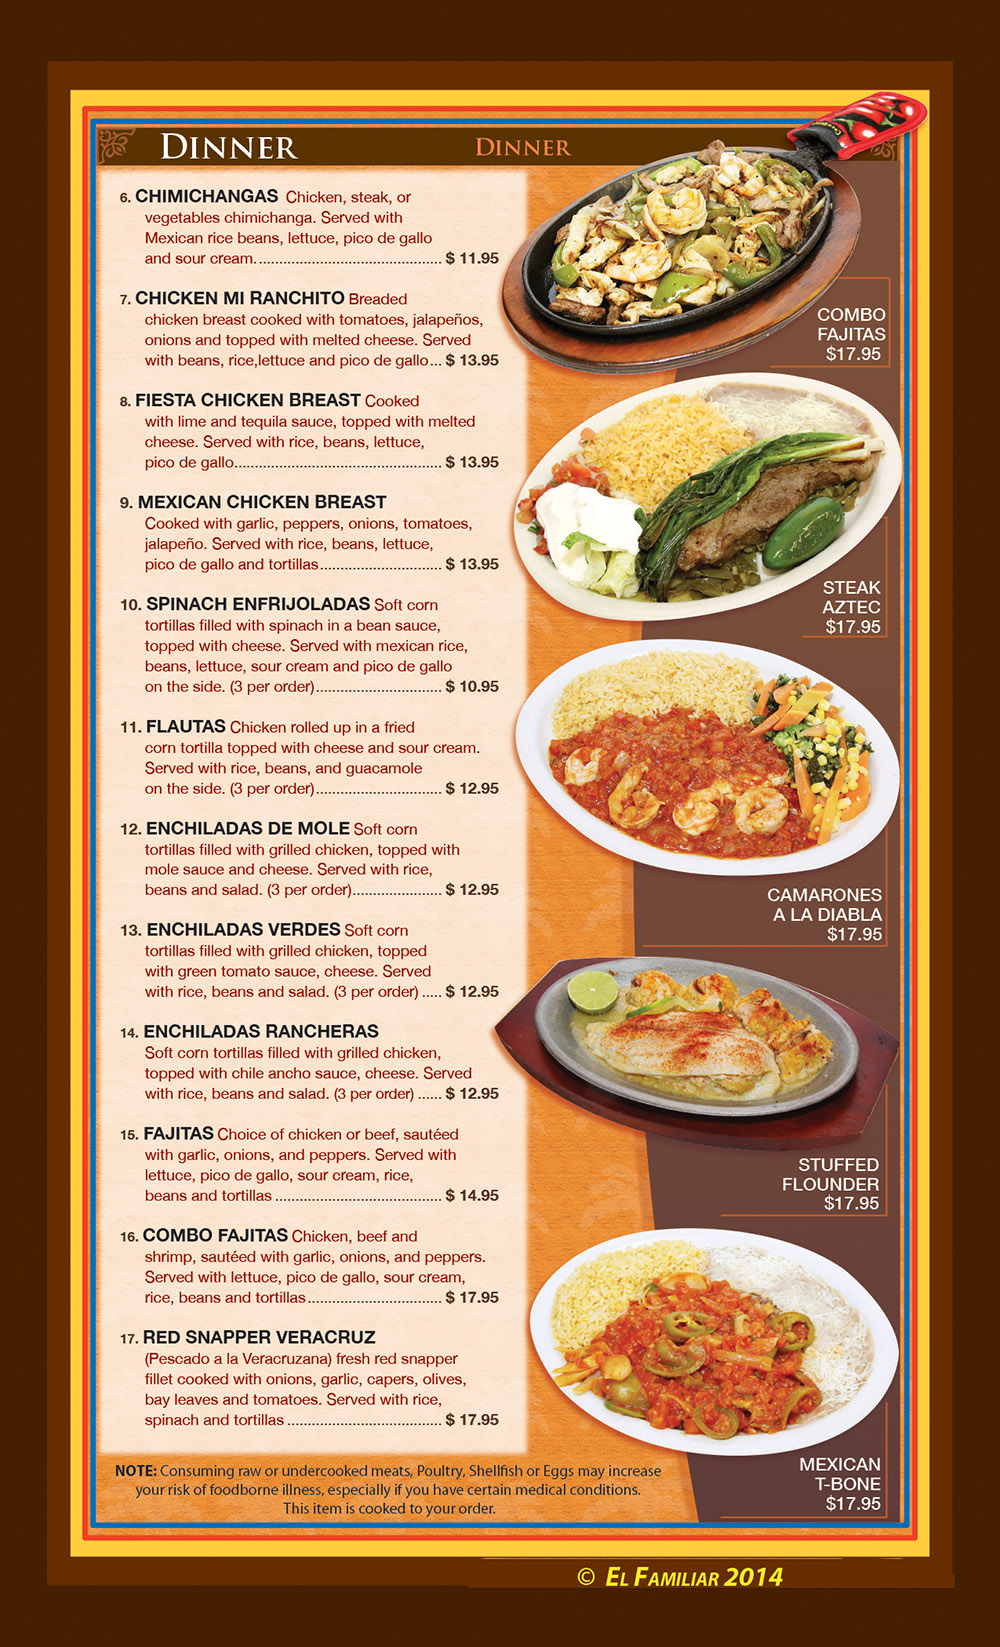 El familiar menu page 2